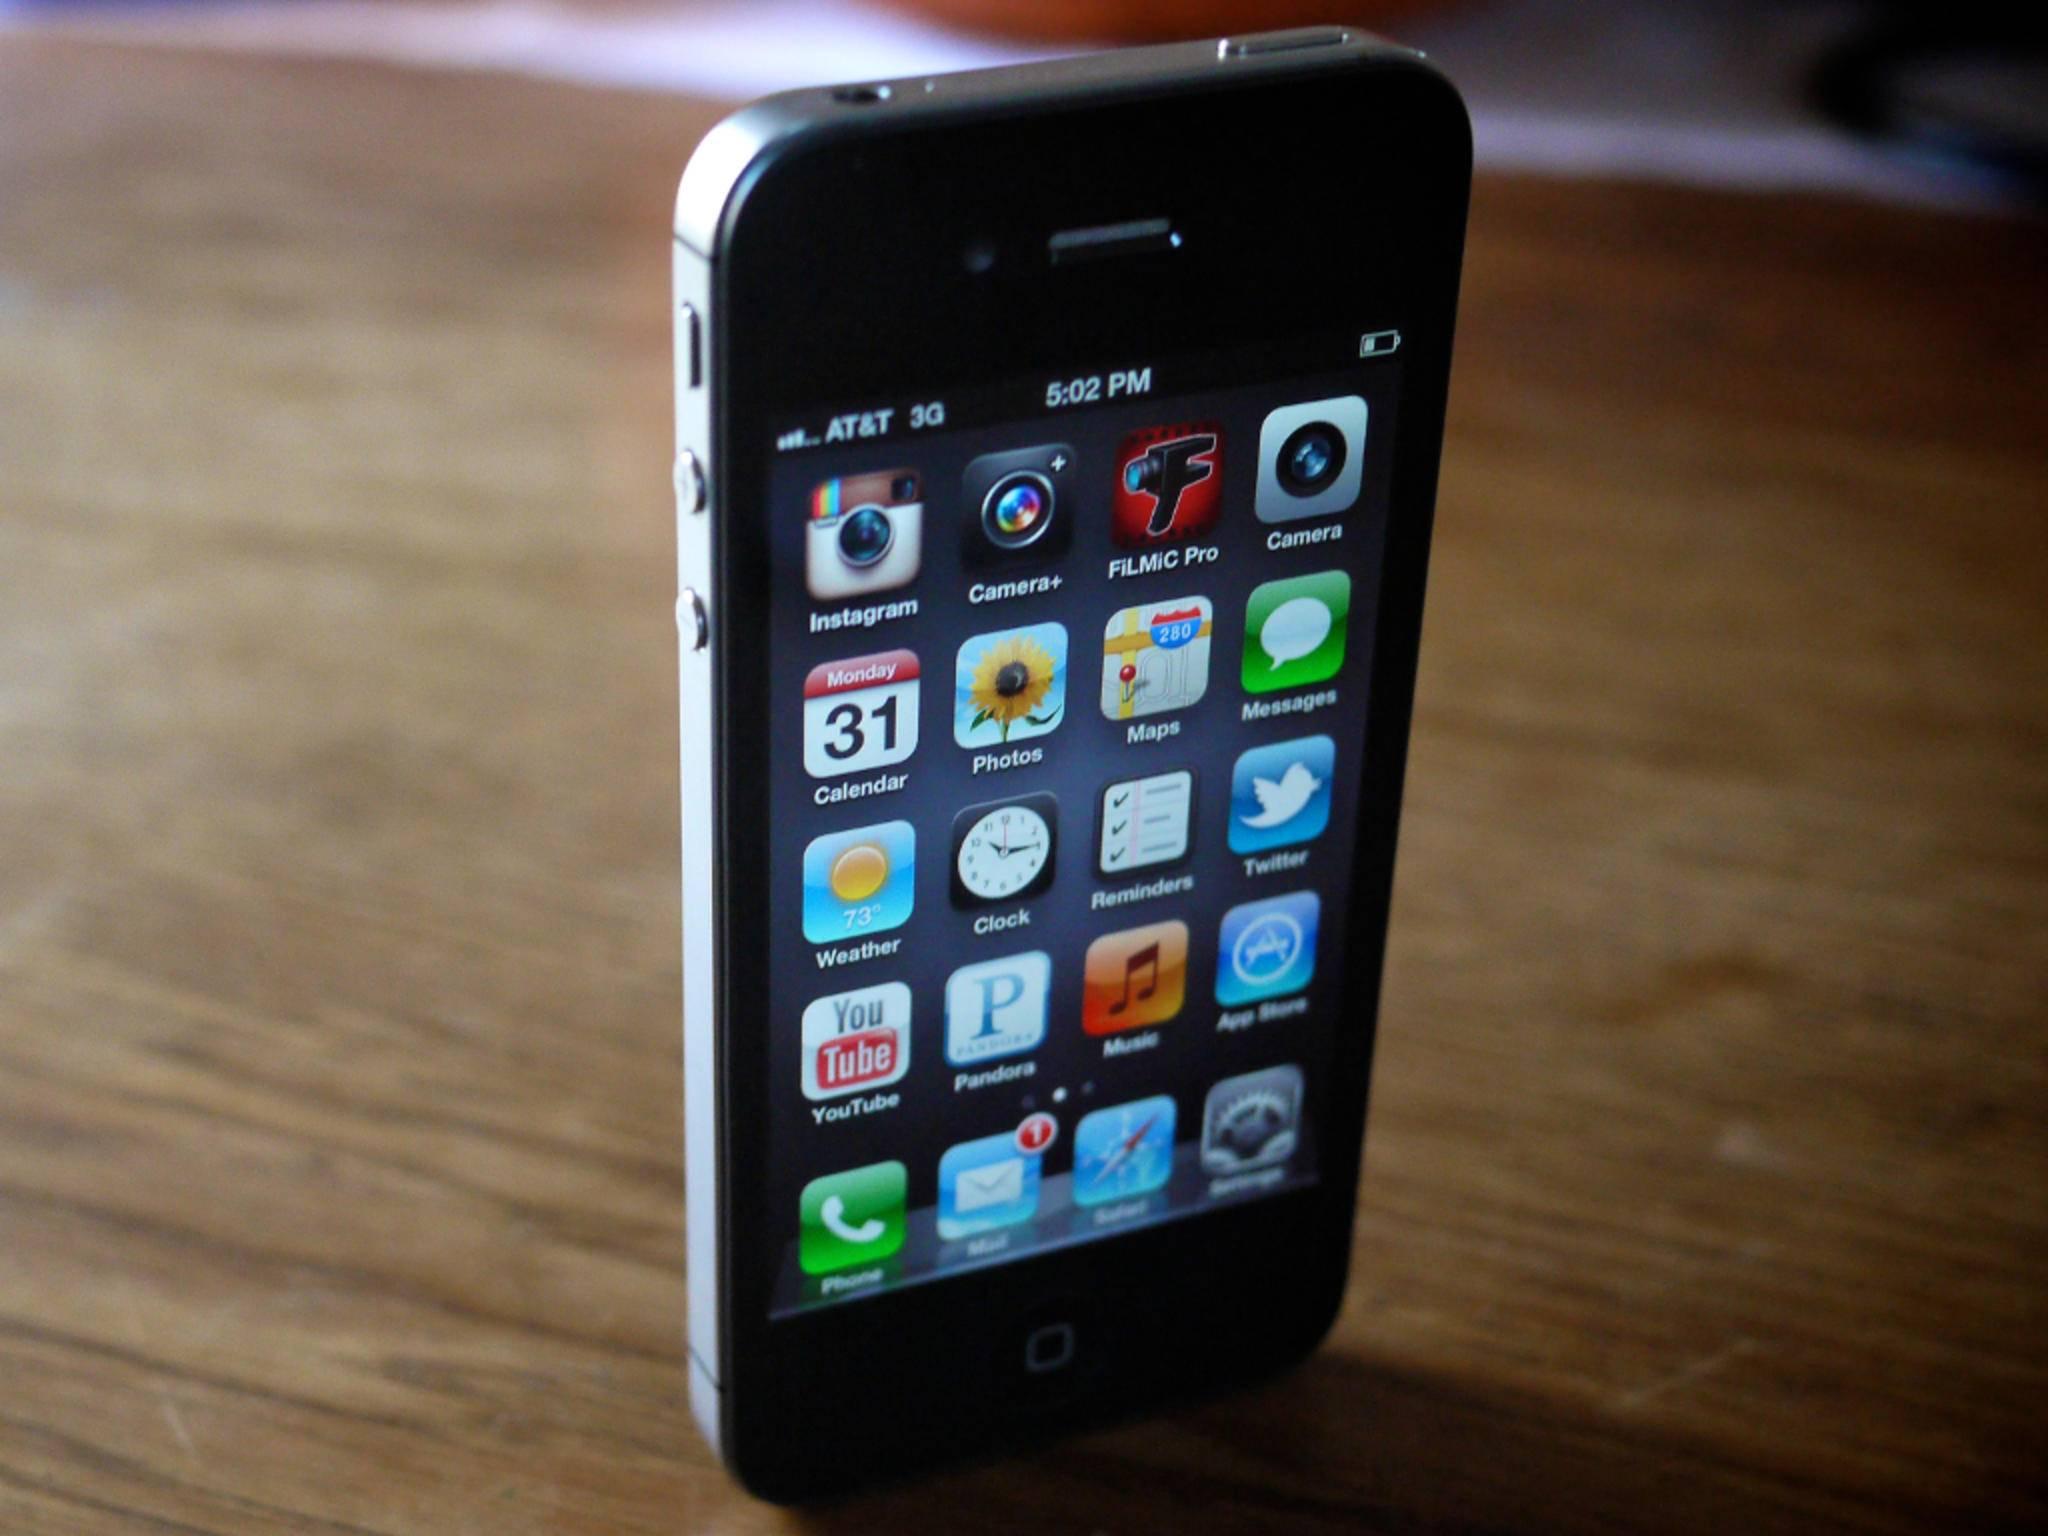 Klage gegen Apple: iPhone 4s durch iOS 9 zu langsam